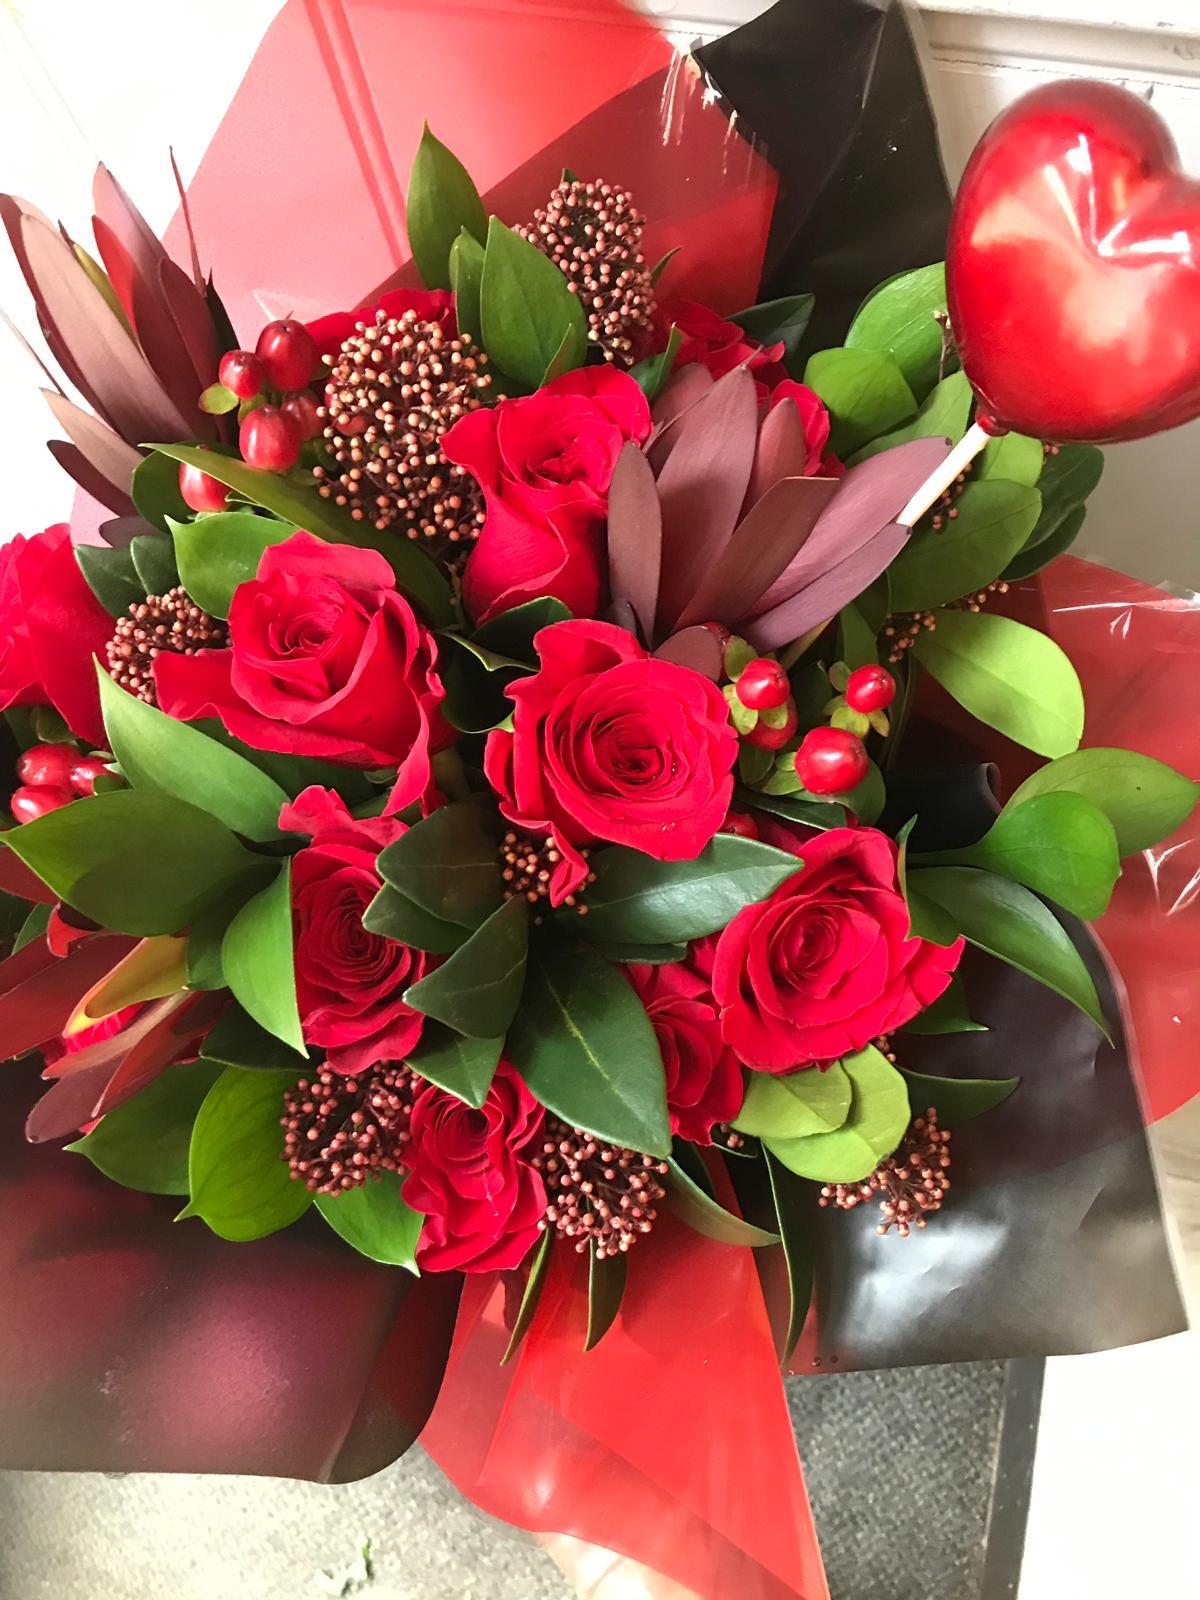 A Dozen Red Roses in aqua pack